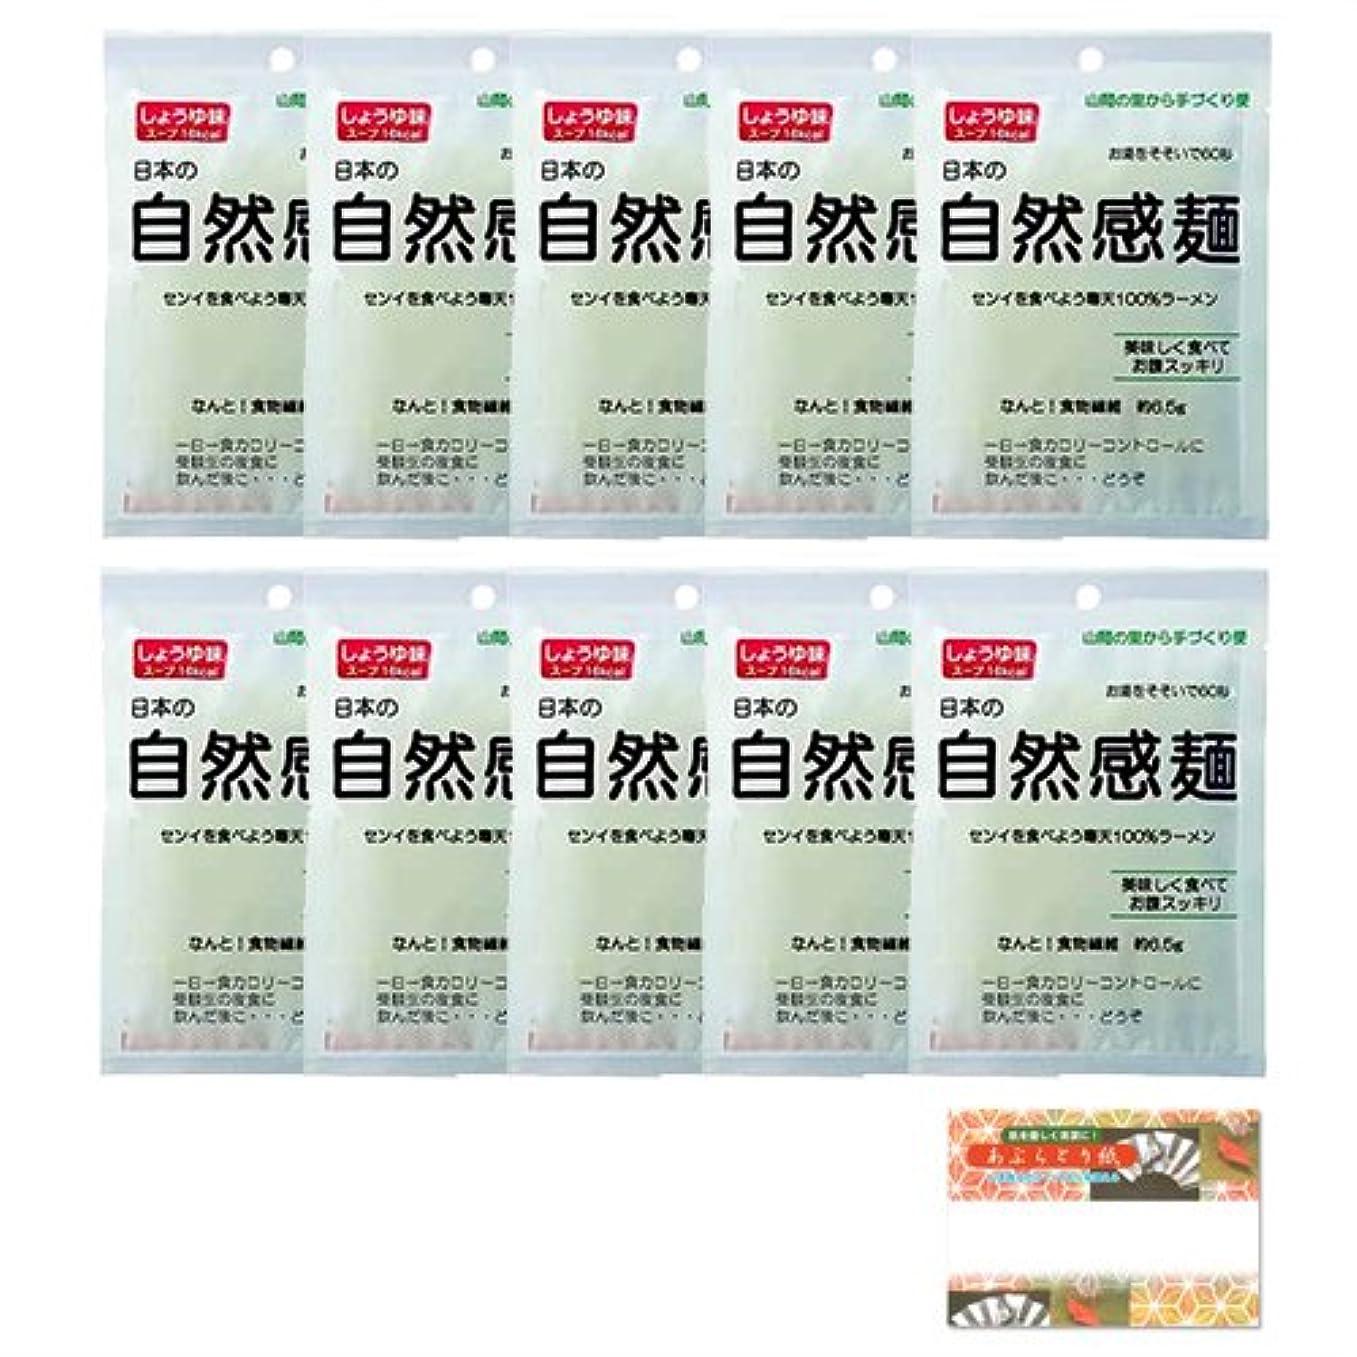 実用的ドロー映画寒天ダイエットラーメン 自然感麺10食(しょうゆ味10袋)セット + あぶらとり紙セット